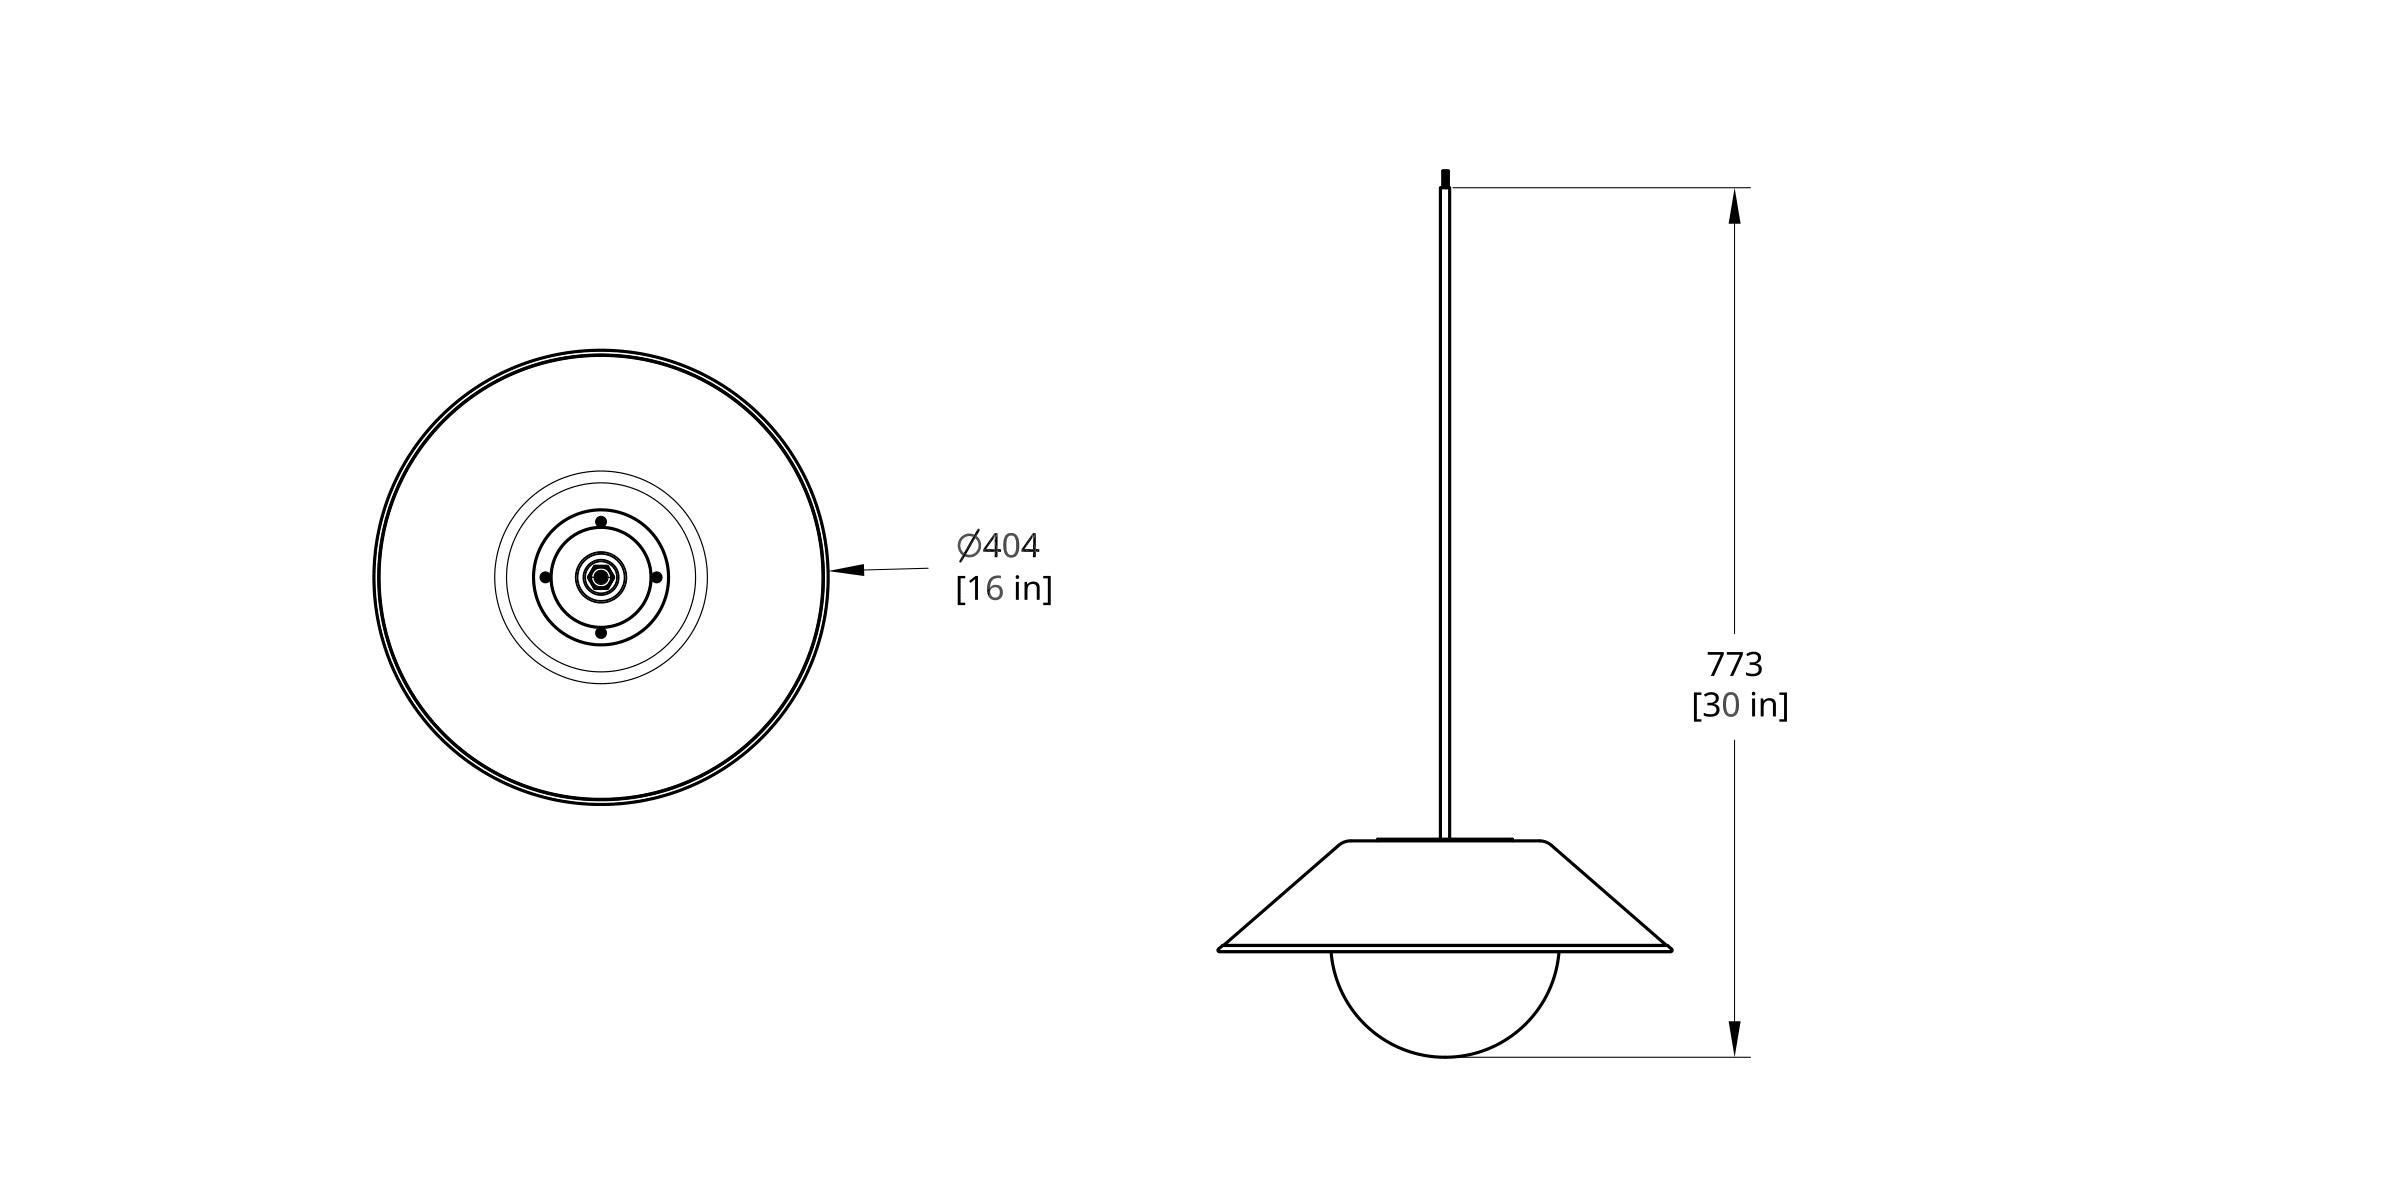 AK Akoya Pendant 14 Cord Dimension